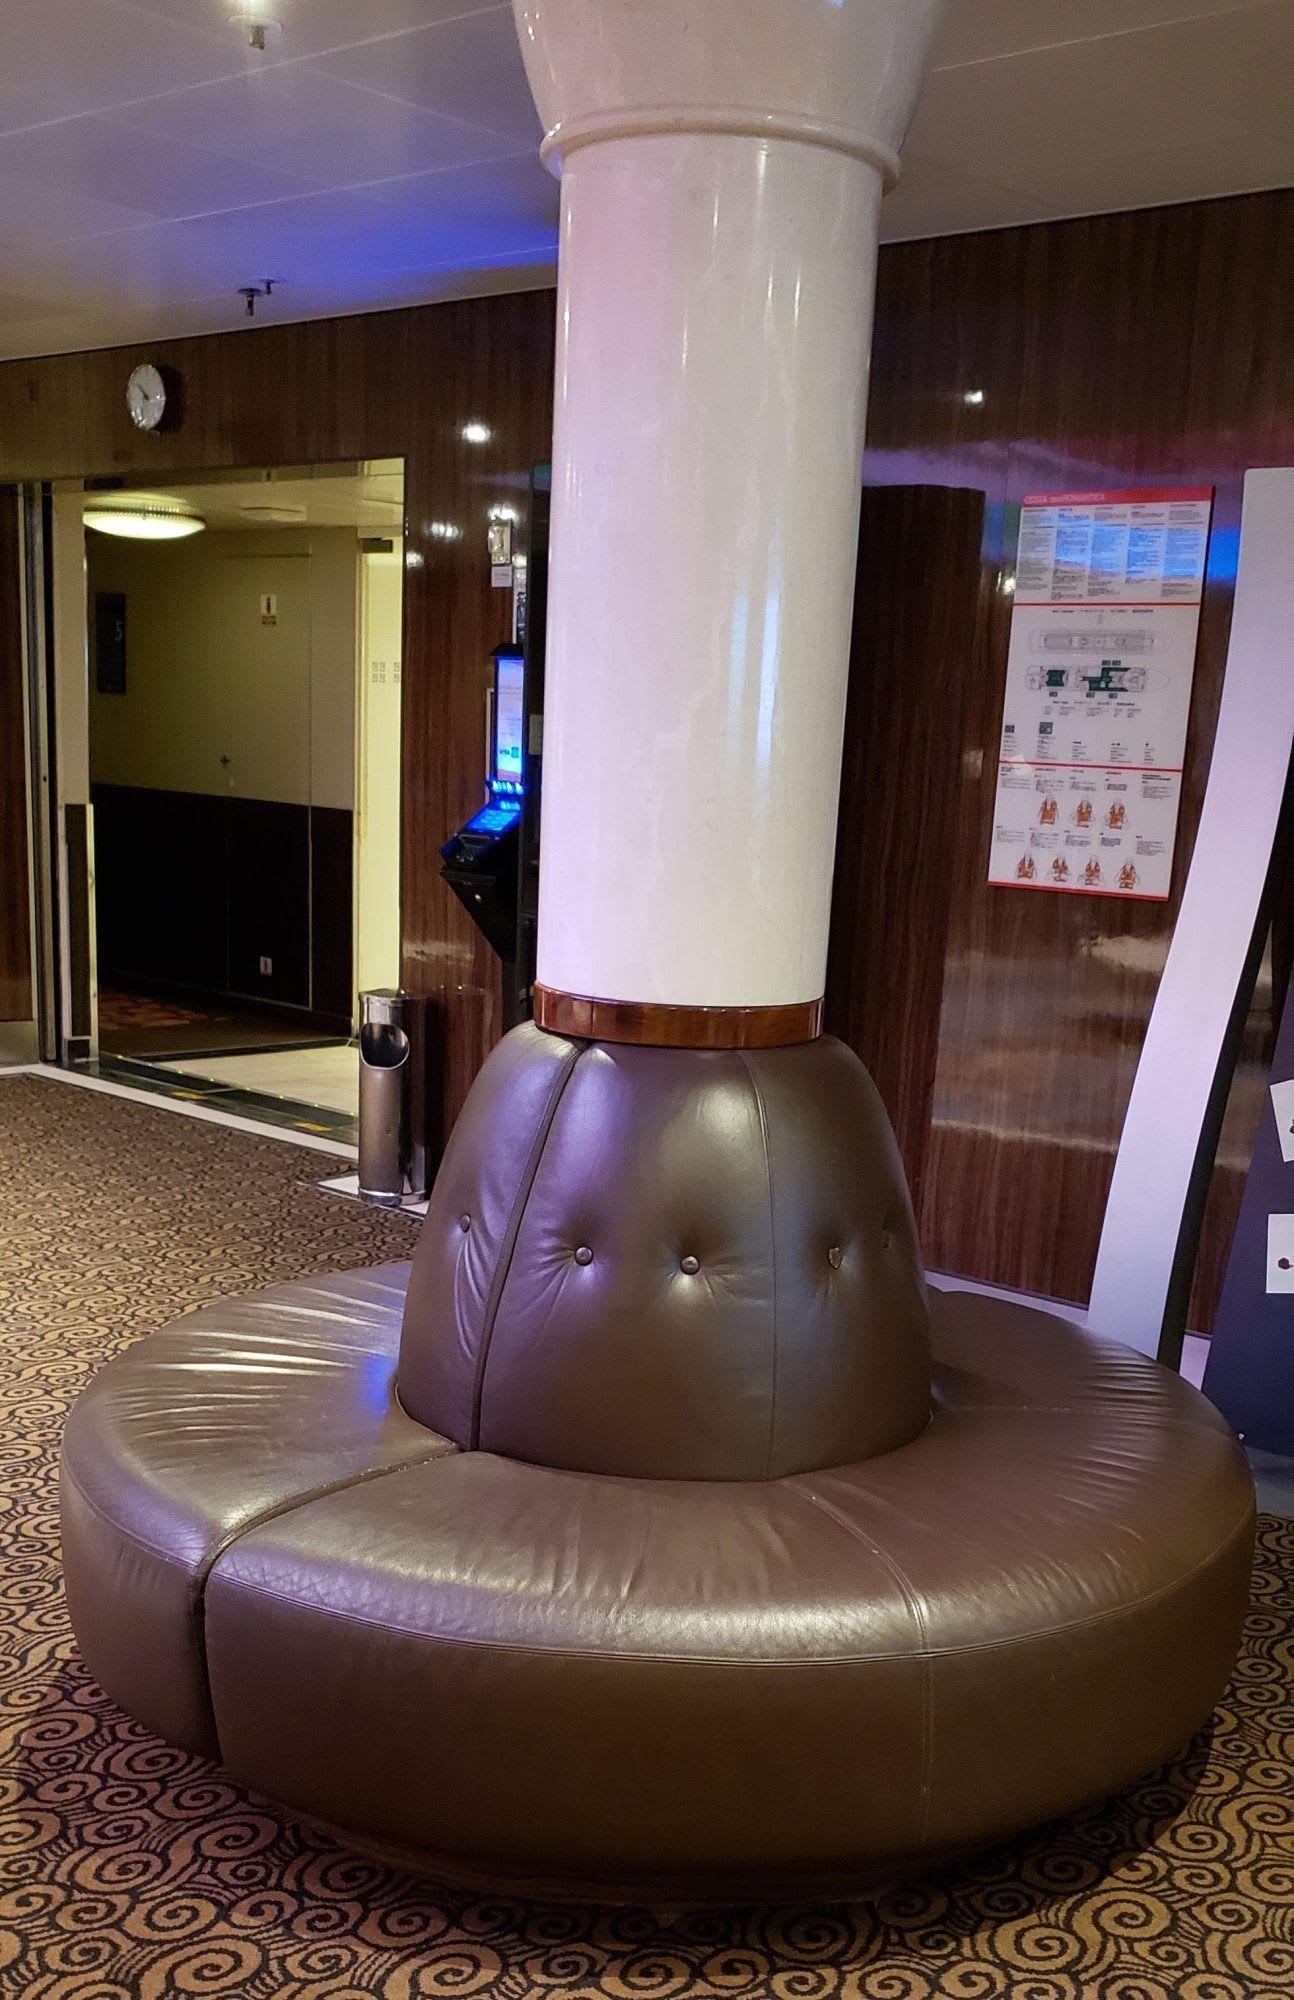 フロント前の椅子座りやすい